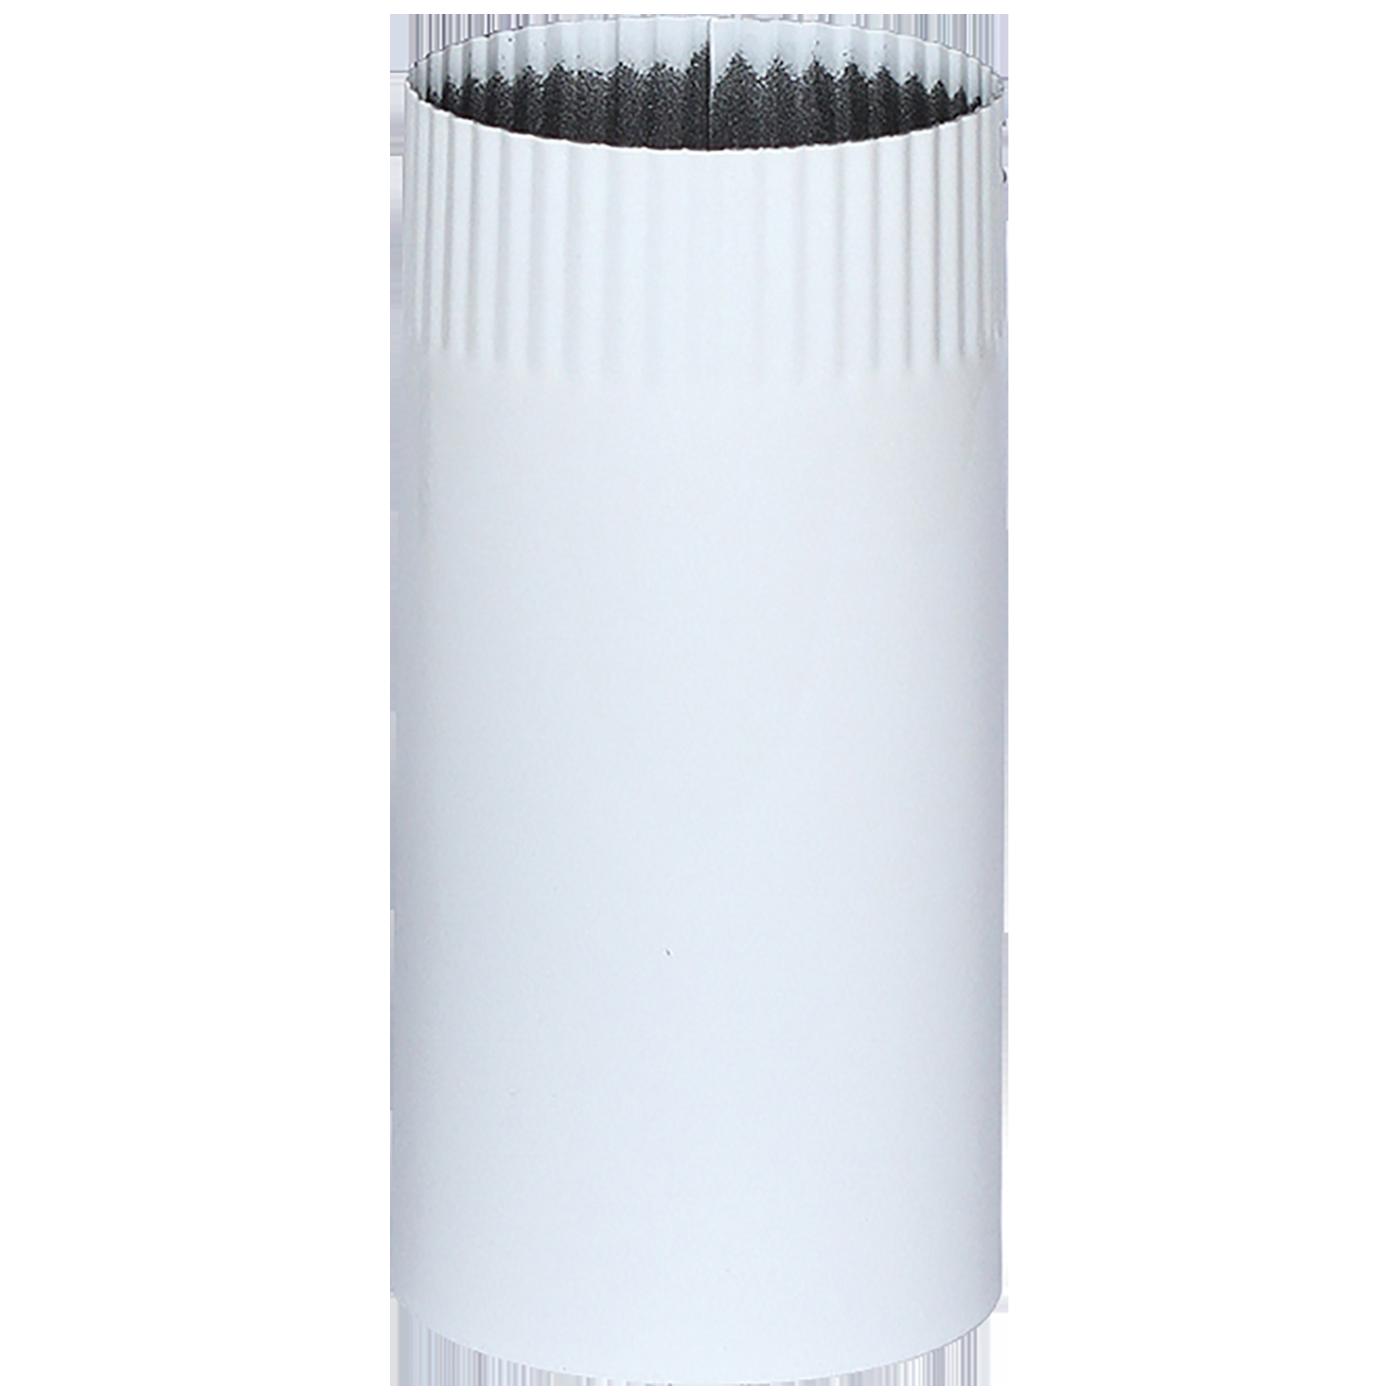 DINAMO - Dimovodna cijev, 0.25met., bijela